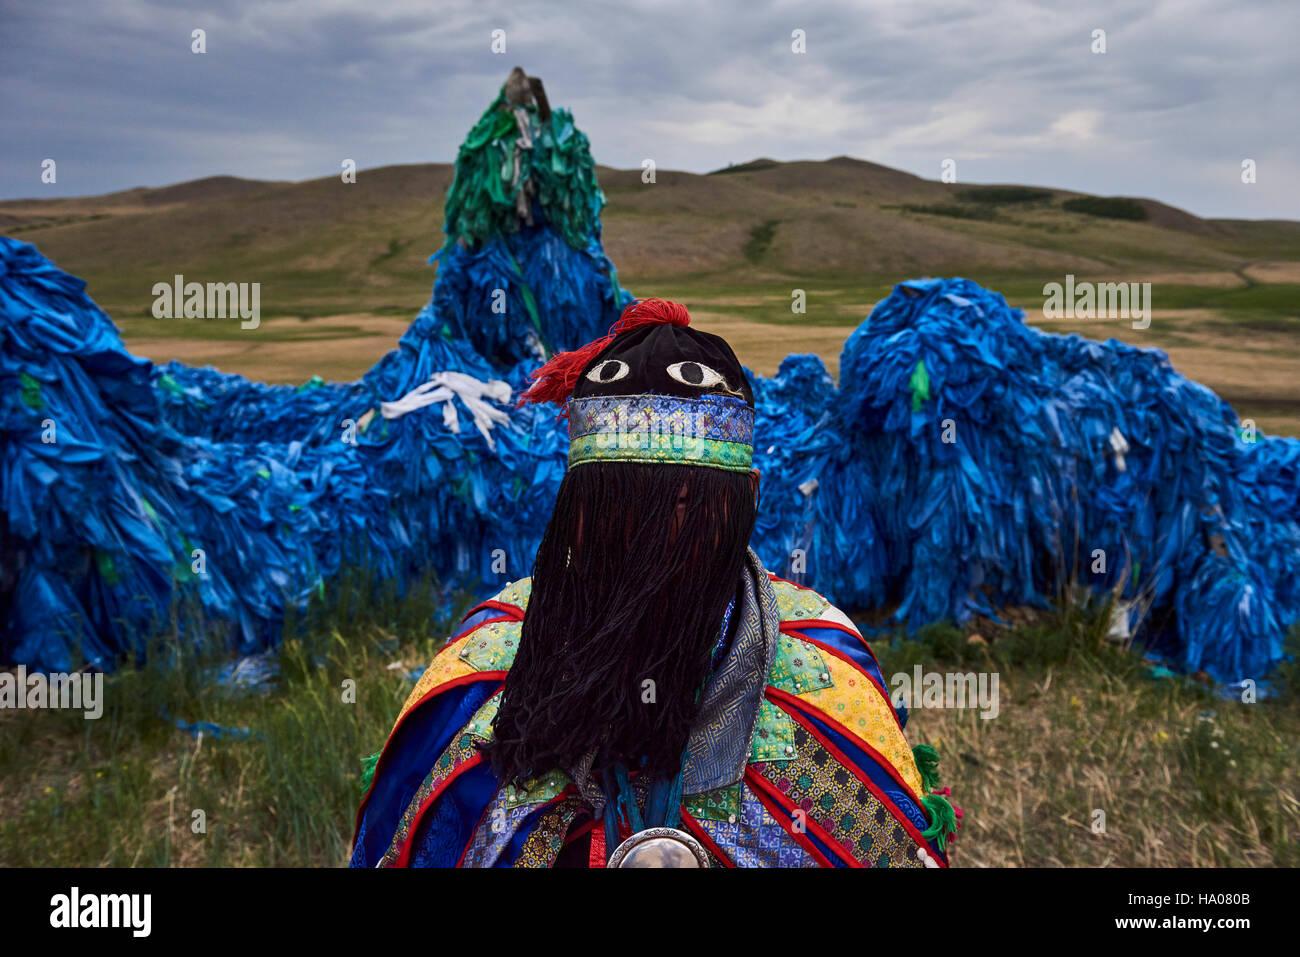 Mongolia, Khentii province, a shaman near a sacred shamanic ovoo - Stock Image